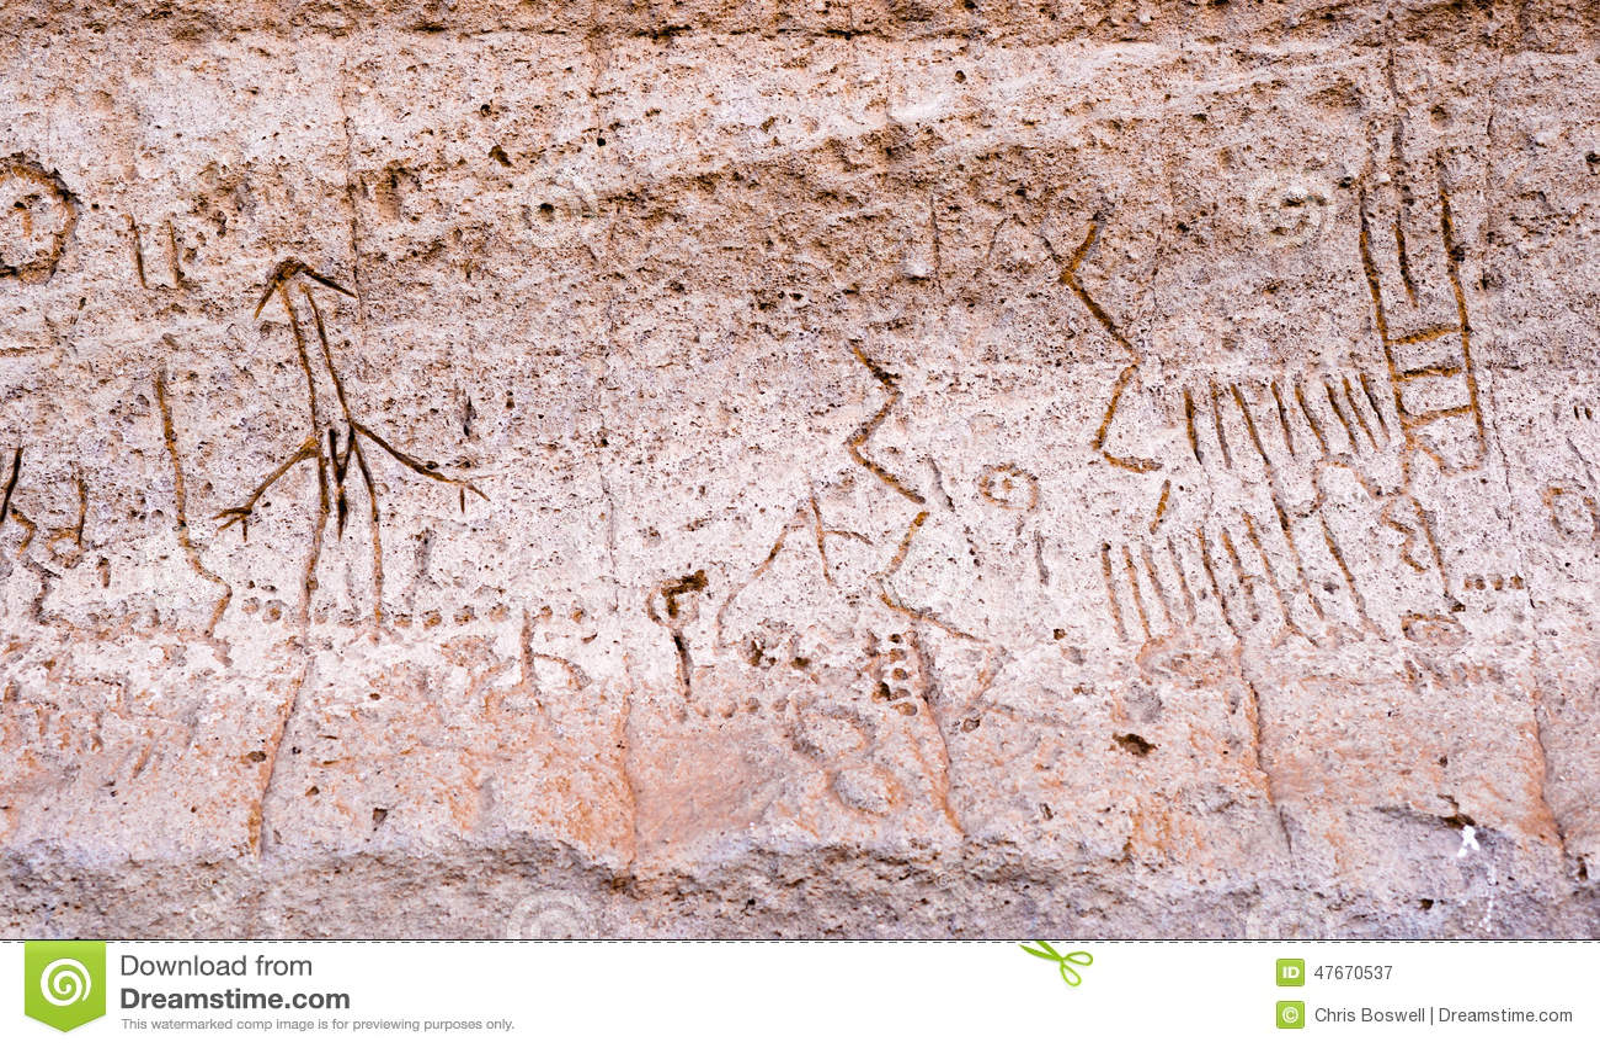 火山岩床NM刻在岩石上的文字点Pictopraphs古老默多克峭壁艺术